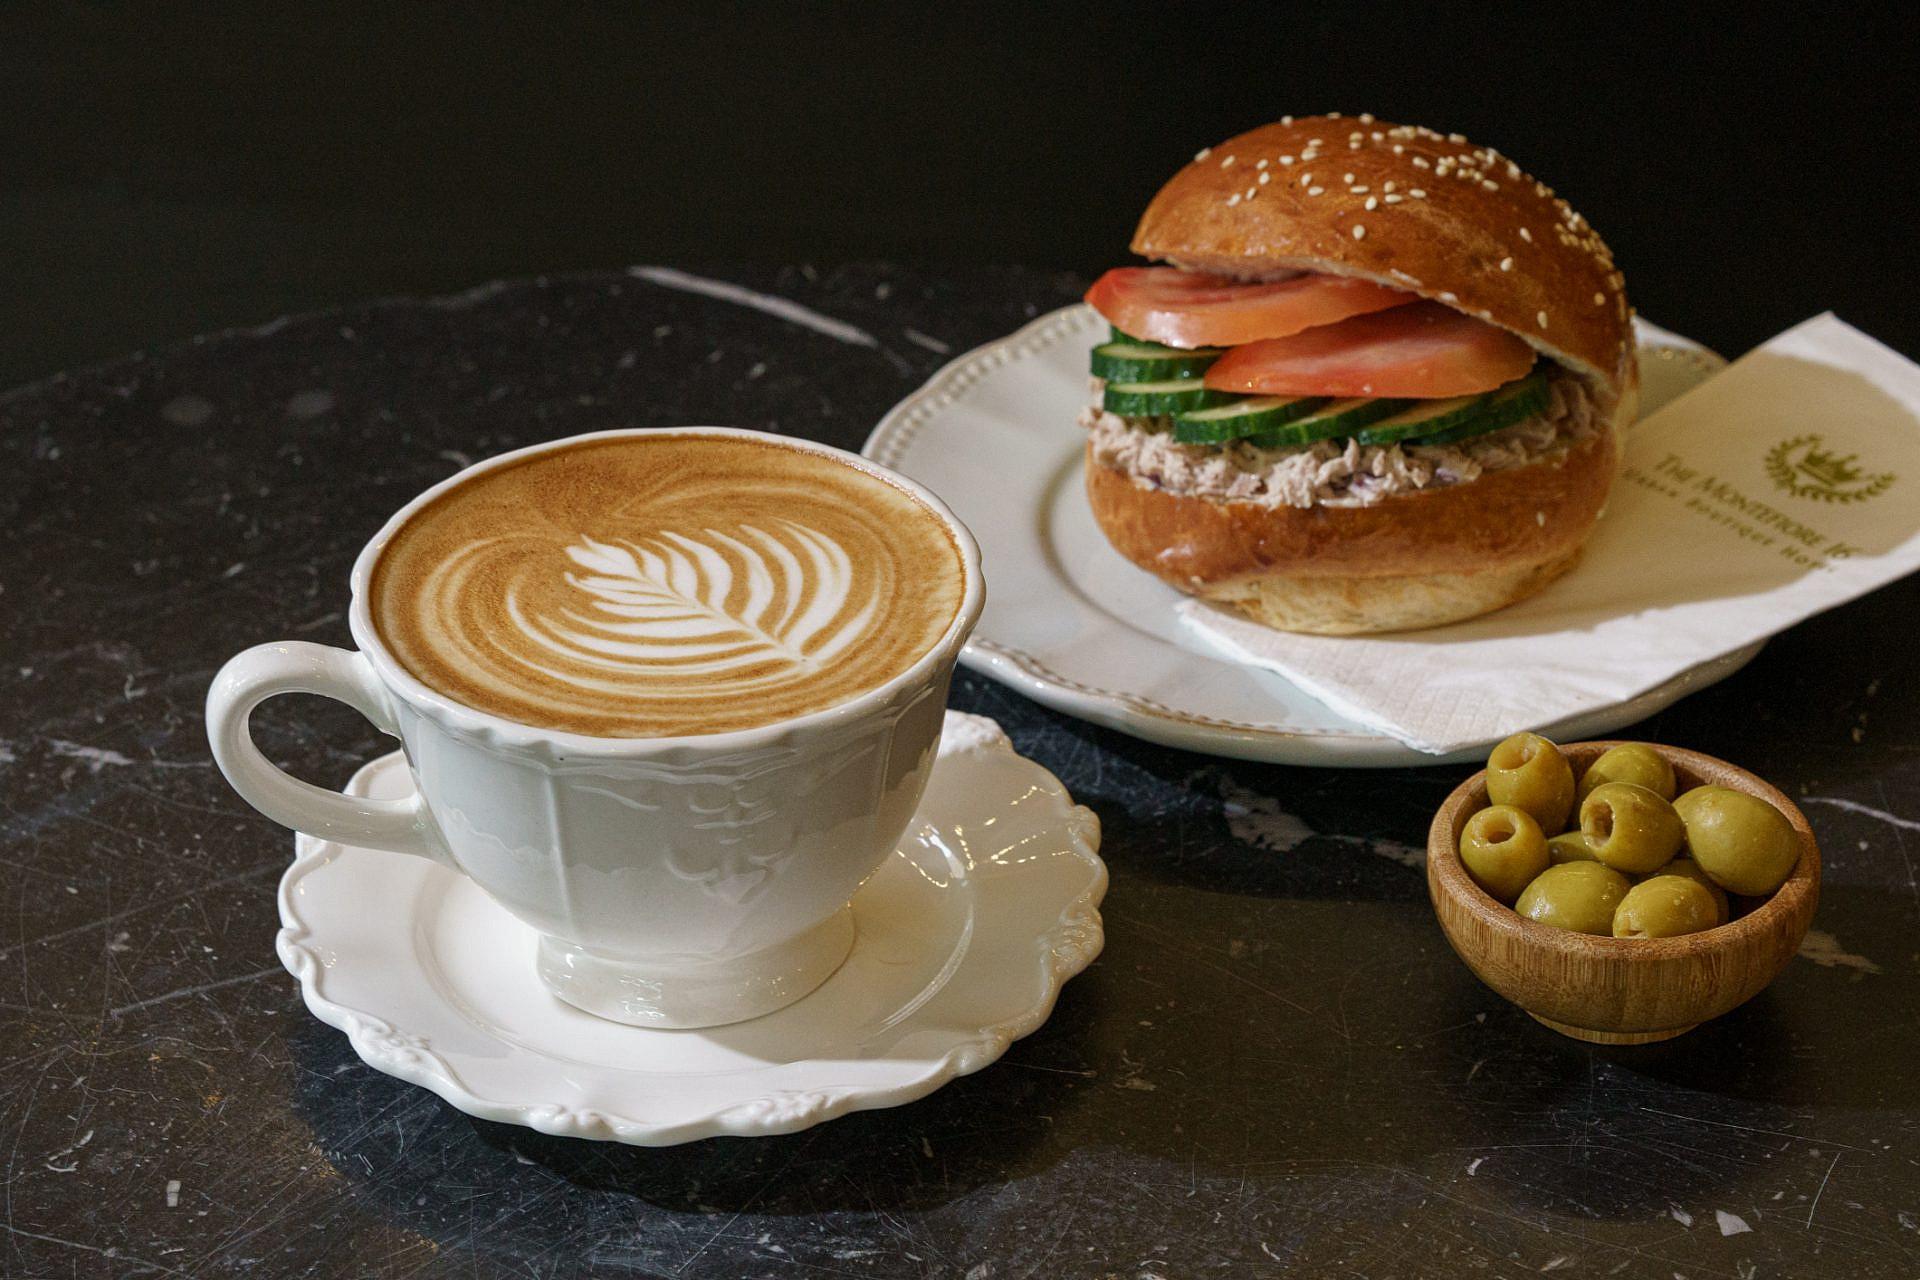 מה עם קפה וכריכון? צילום: אנטולי מיכאלו